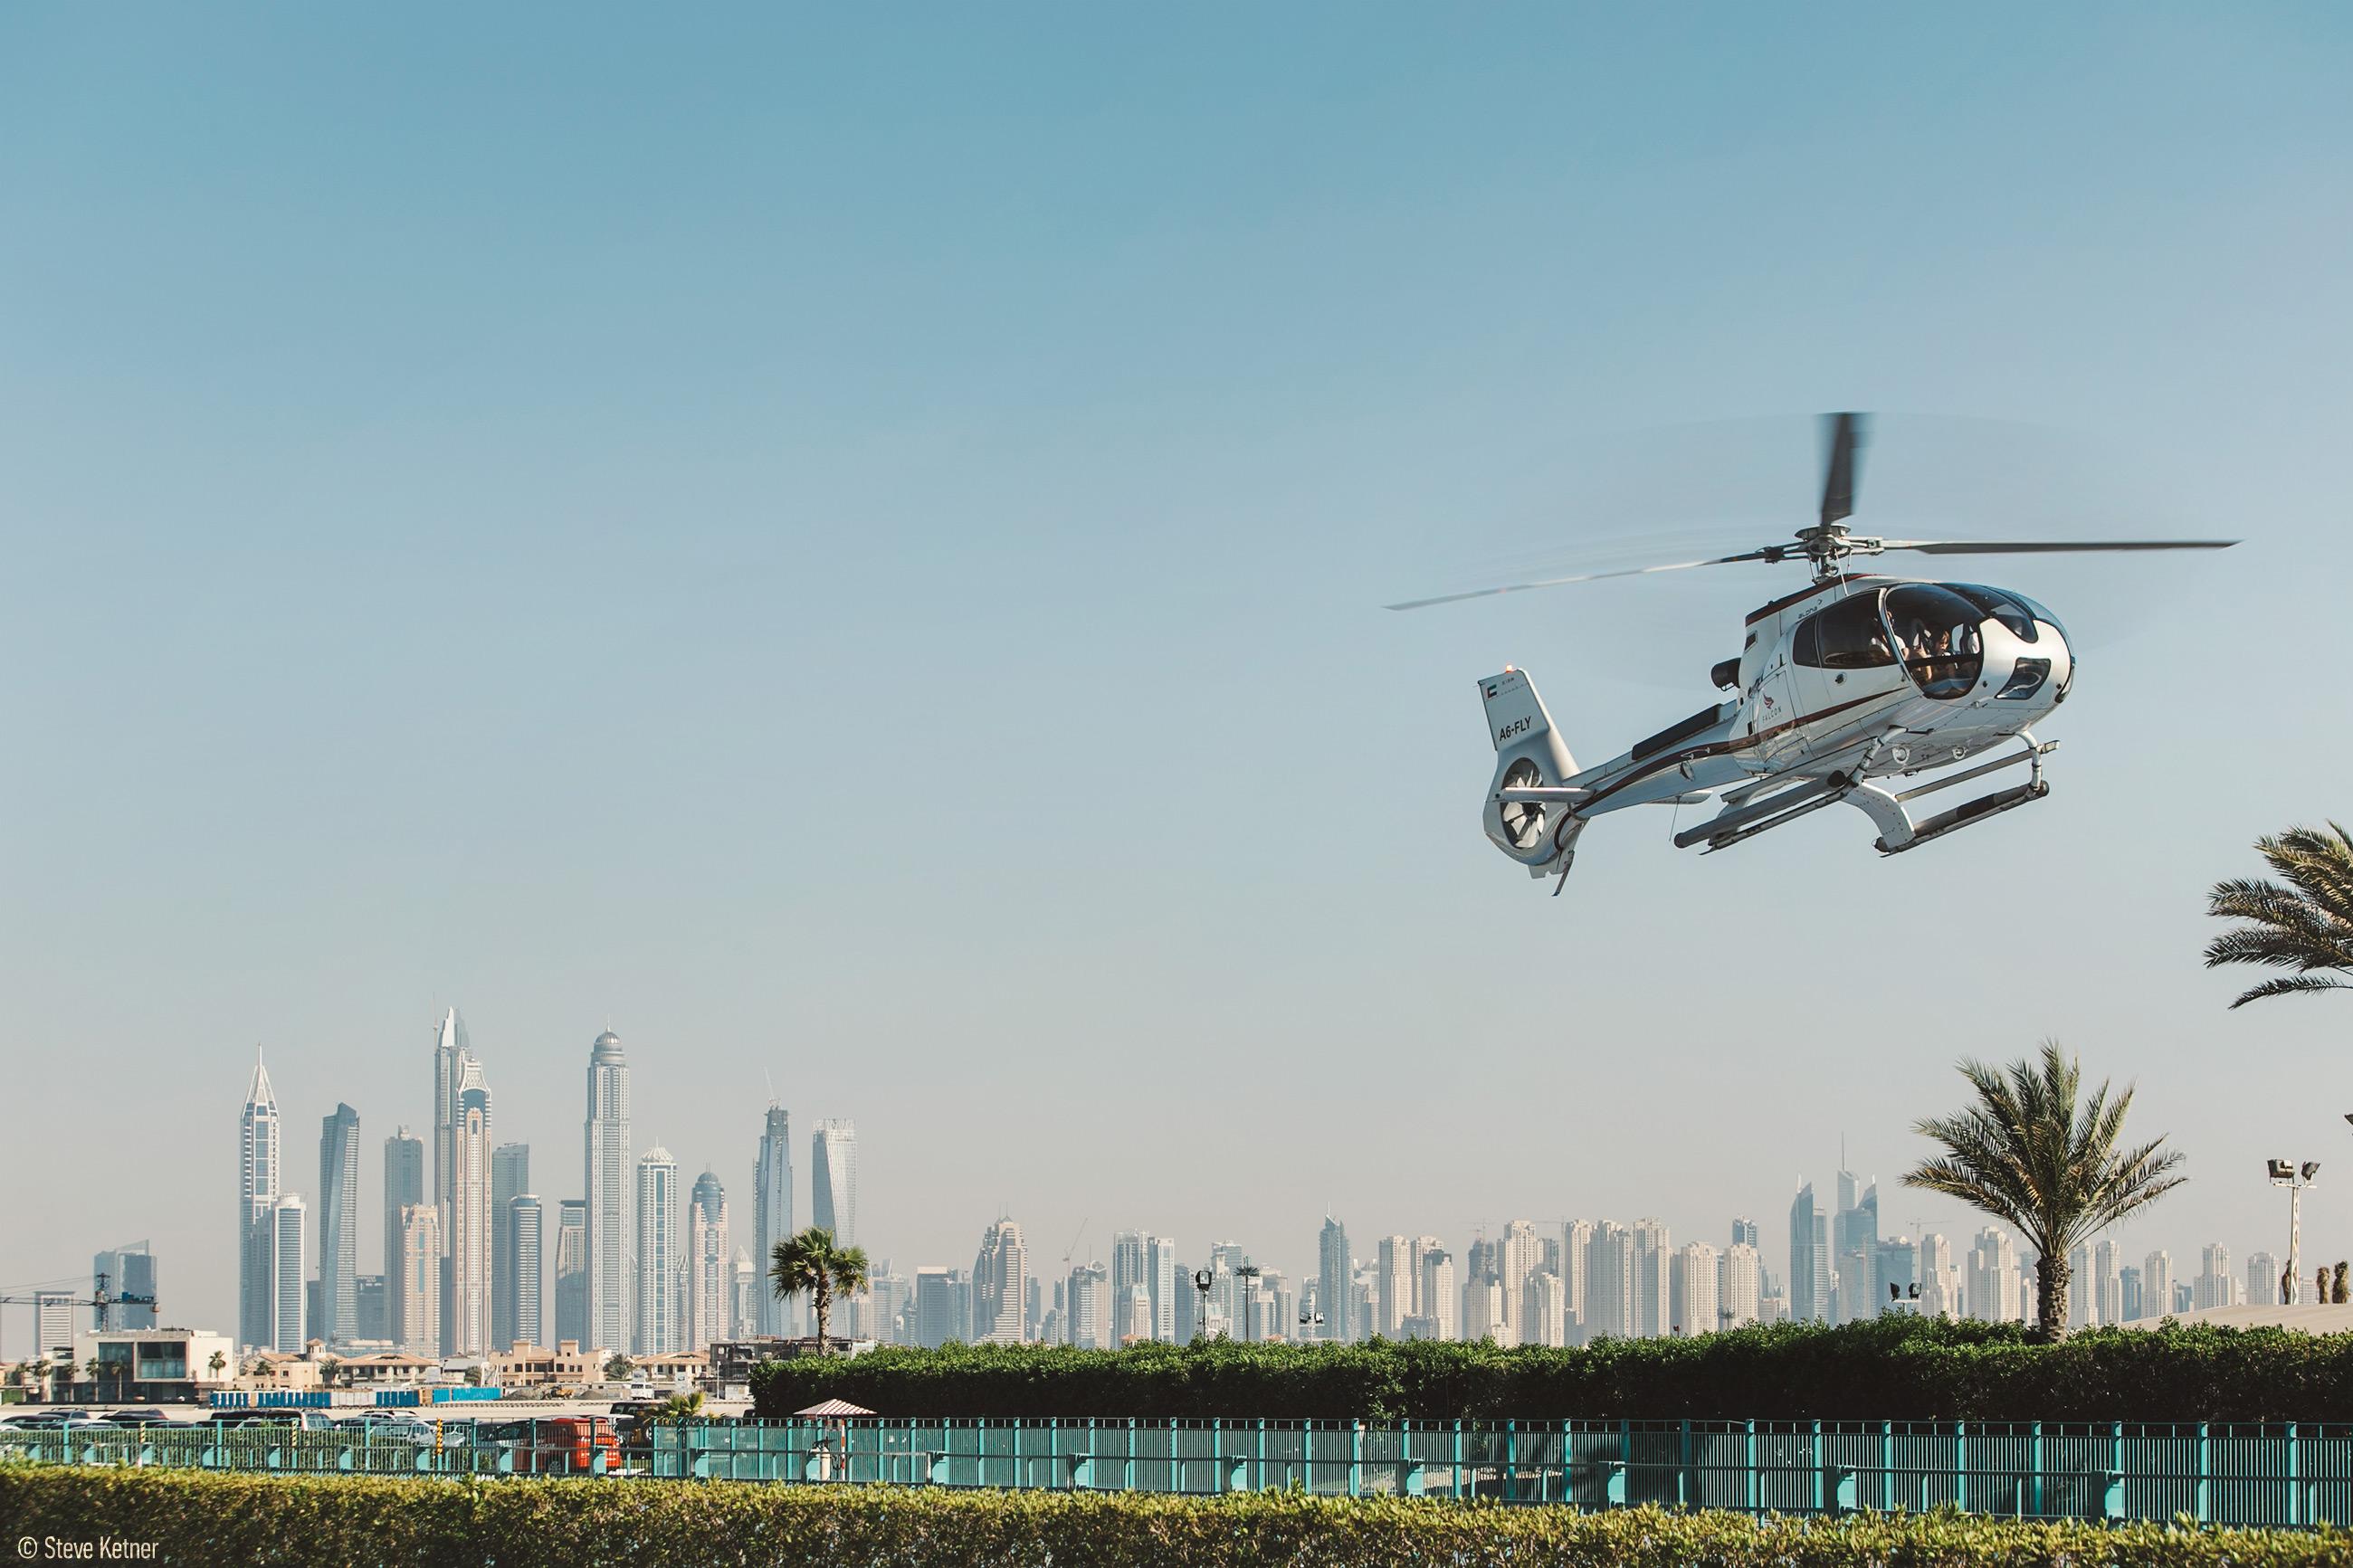 Steve Ketner - Palm Jumeirah, Dubai